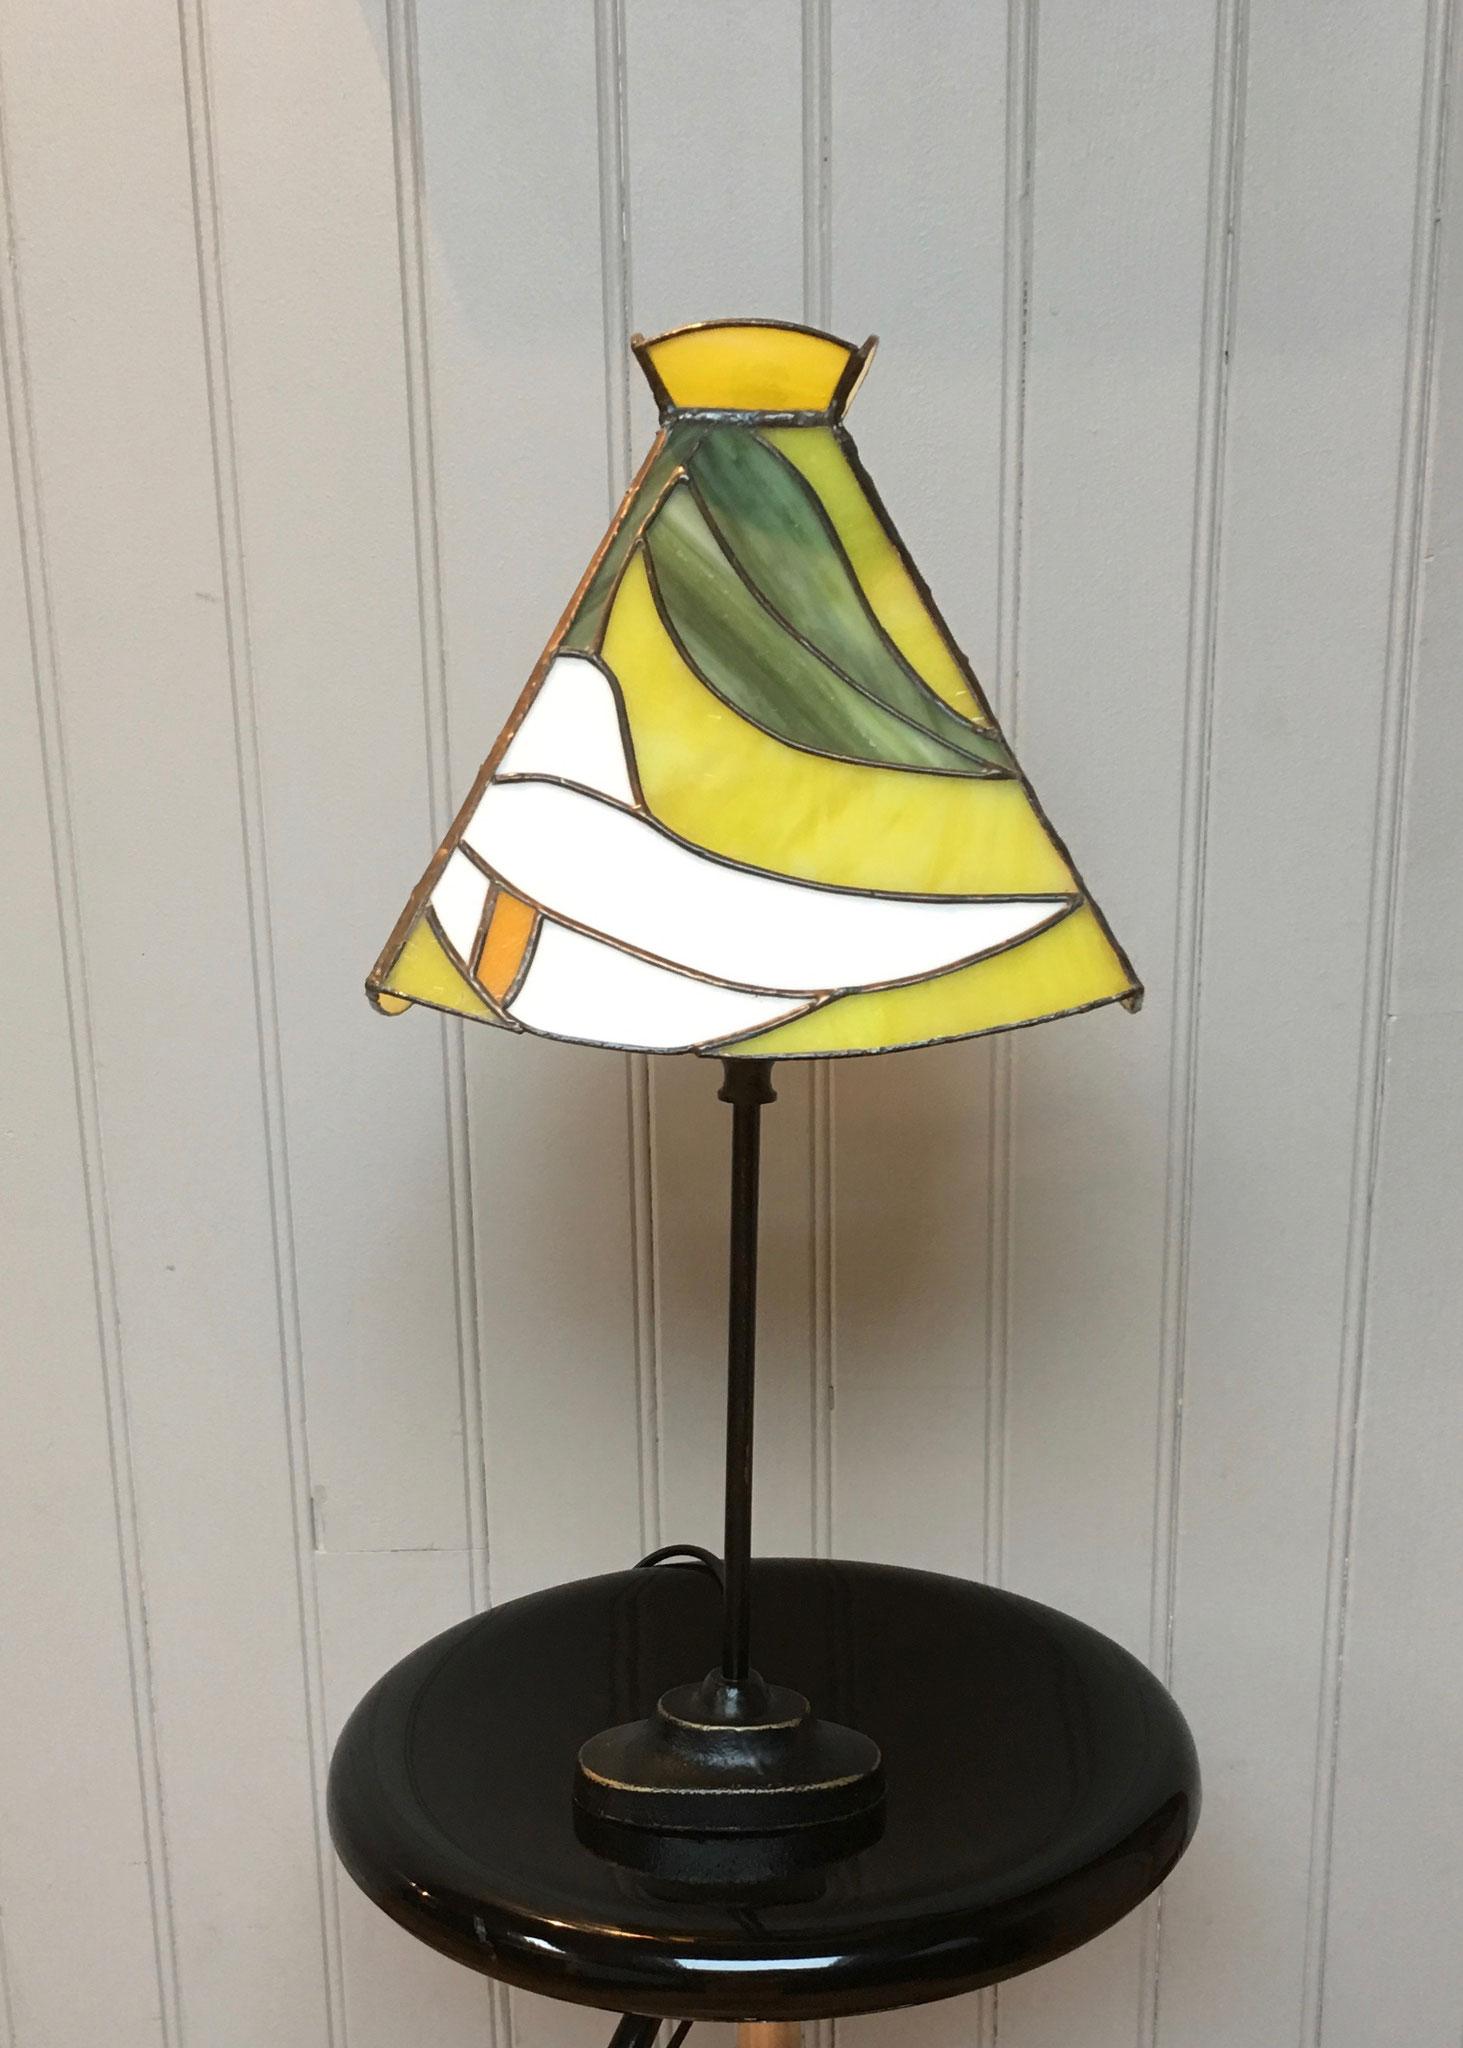 Lampe réalisée en Tiffany sur pied métal Eteinte